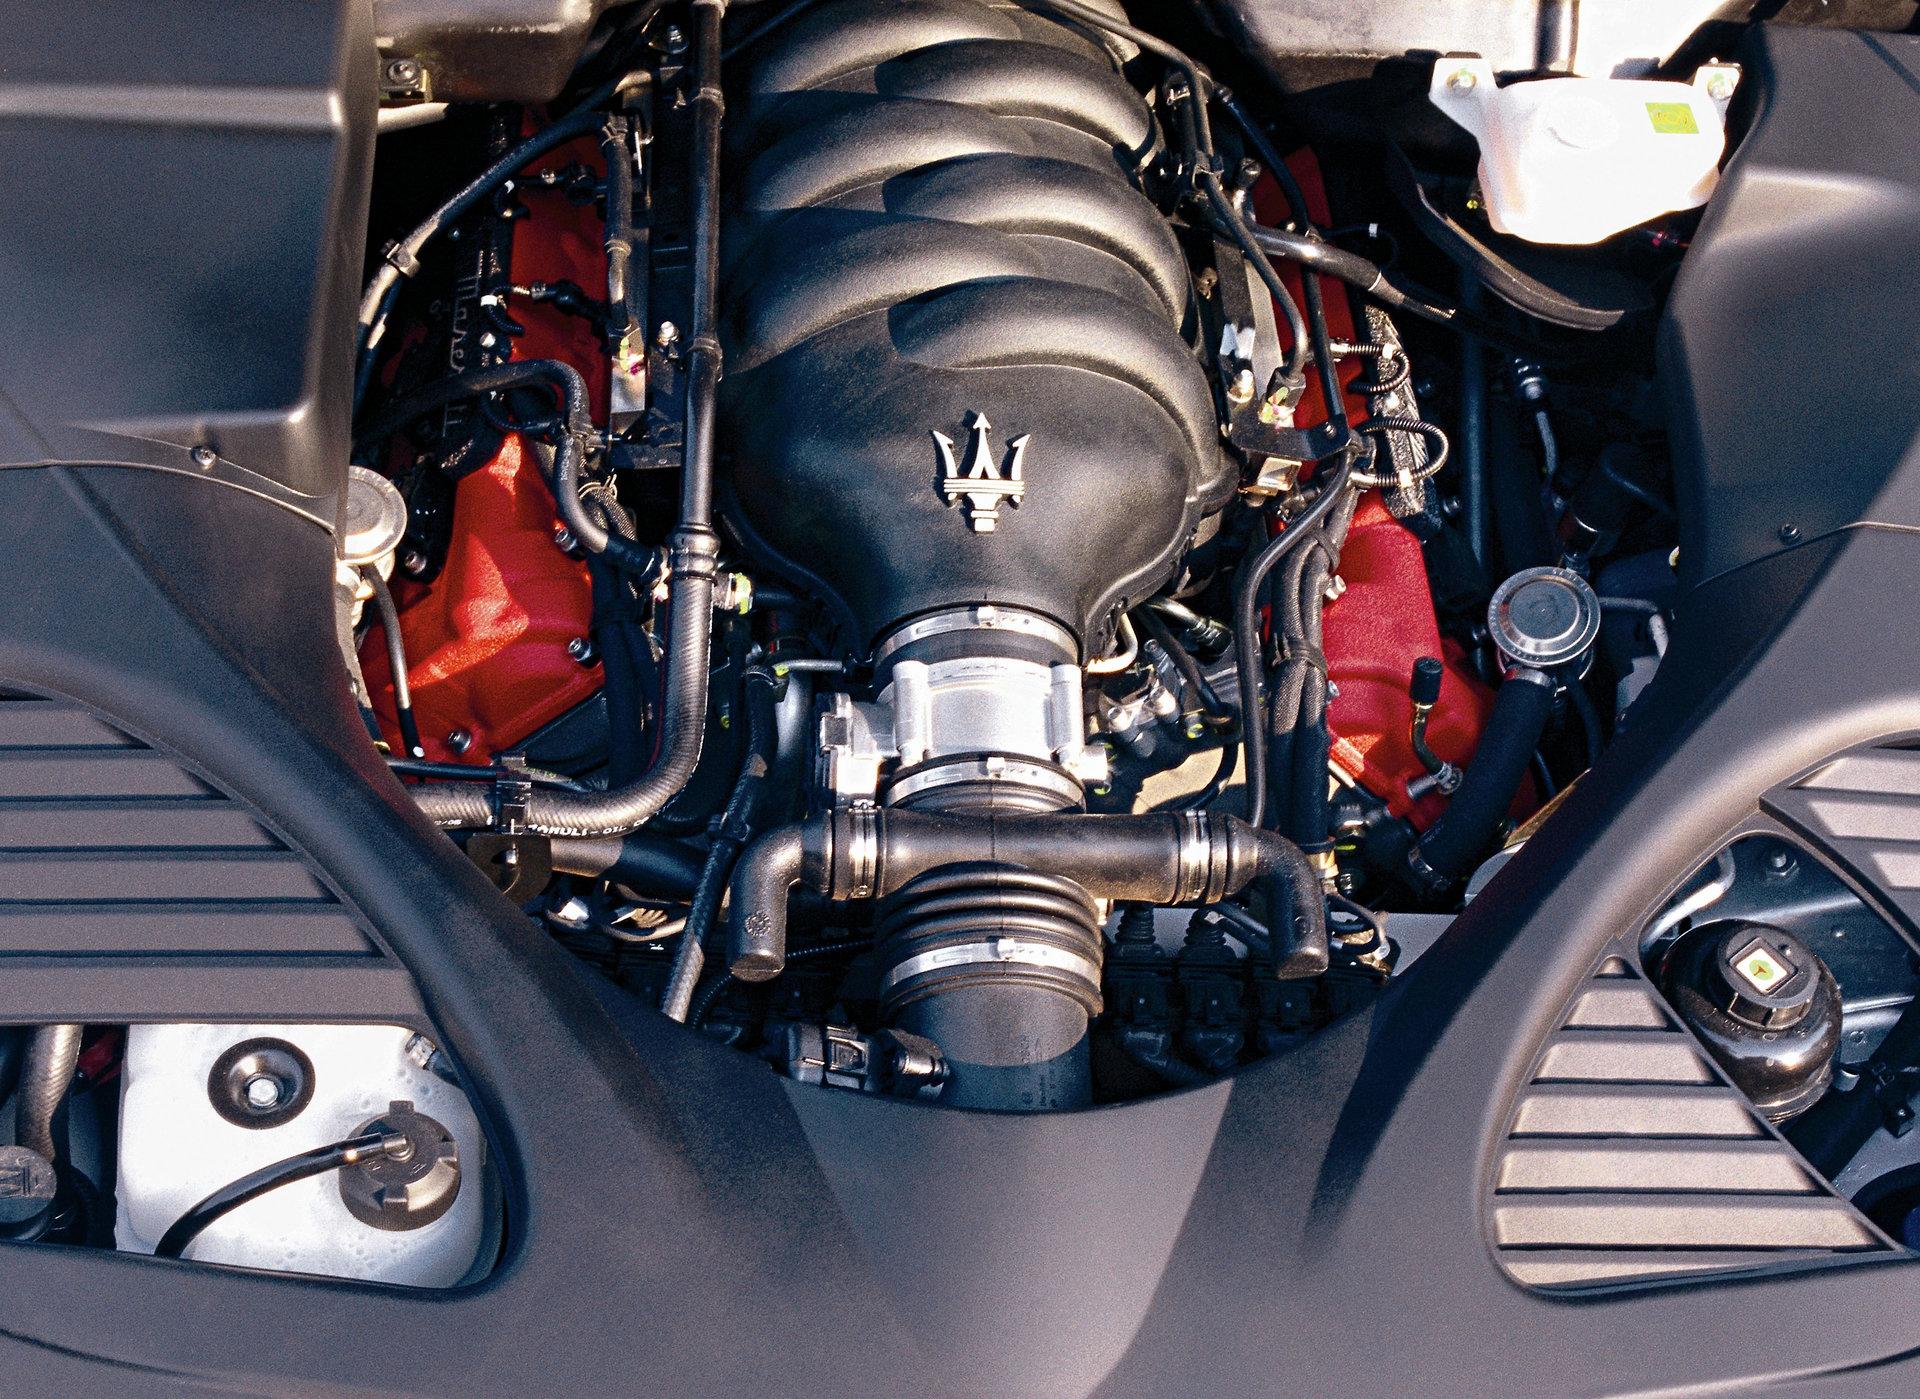 DD6F9150-5F3D-468B-A9B4-0AD7A3BABD52.jpeg